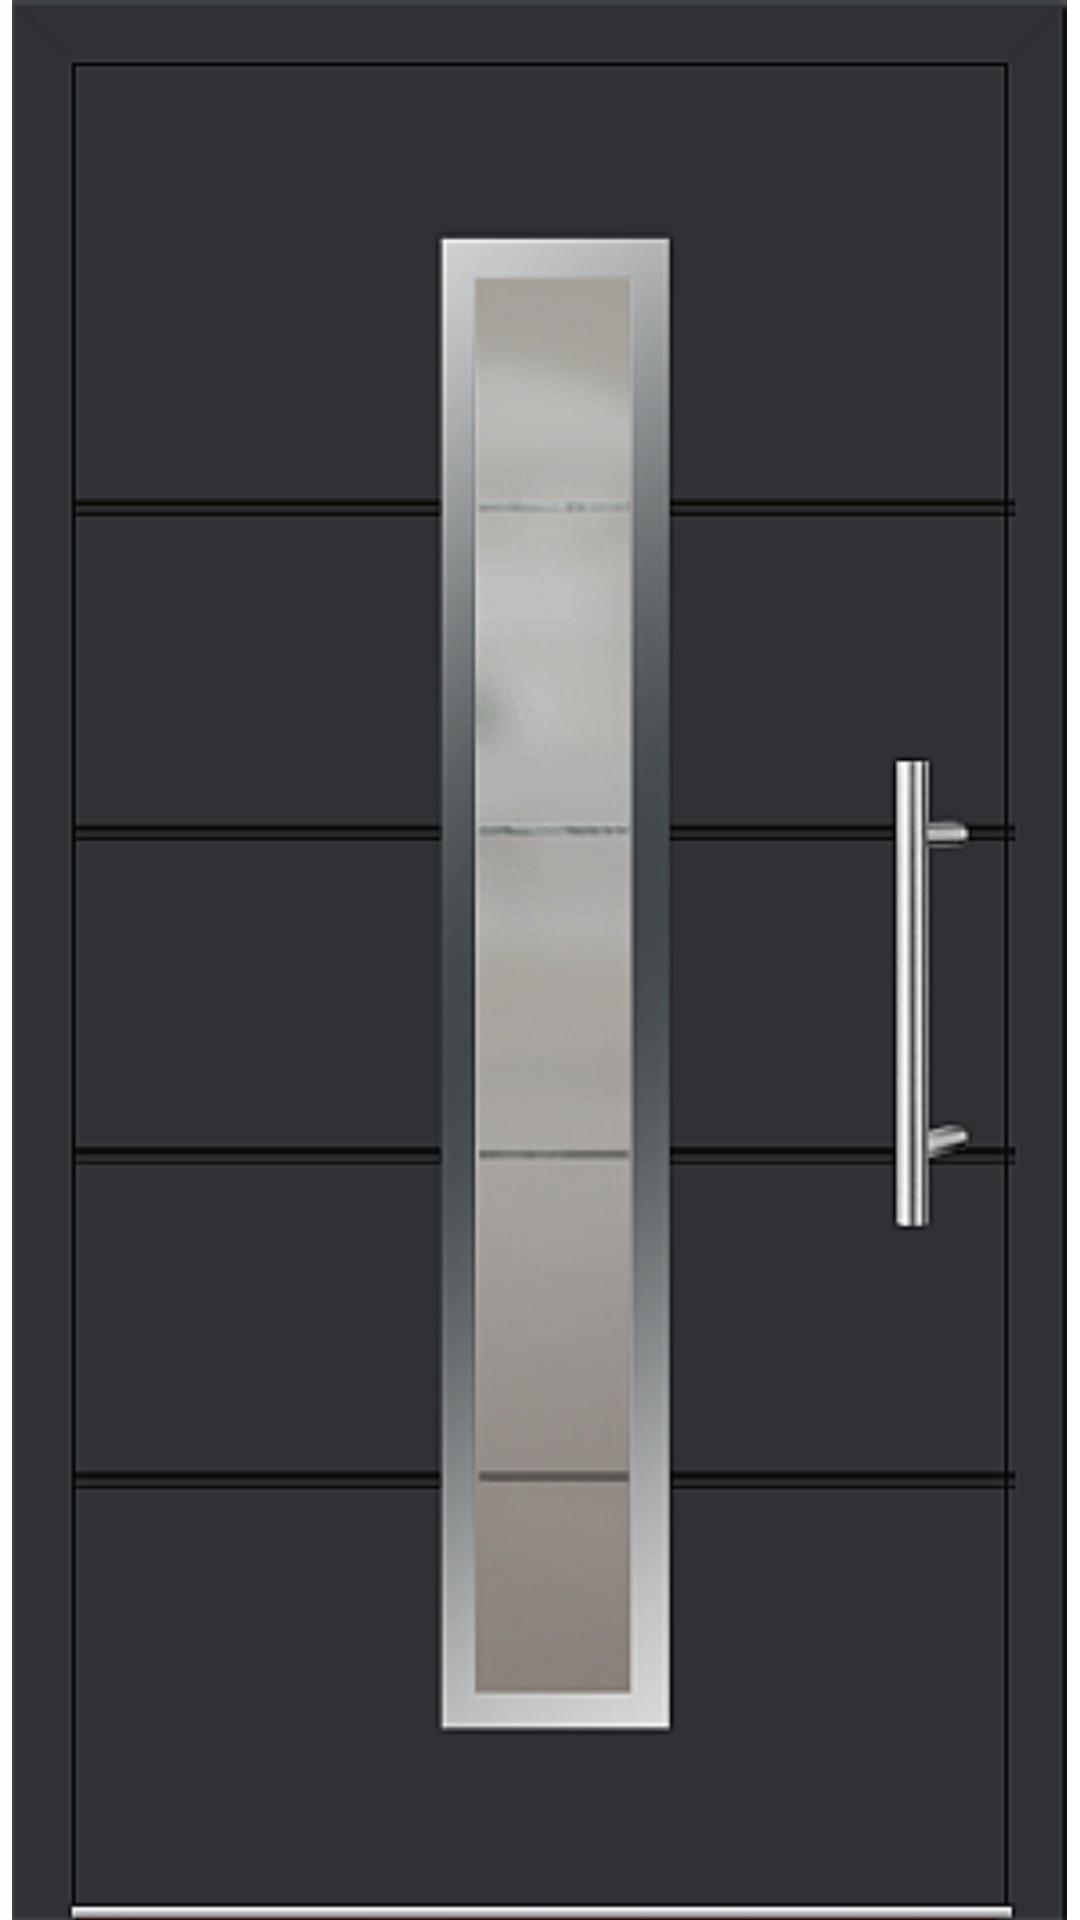 Kunststoff Haustür Modell 6560-72 schwarz